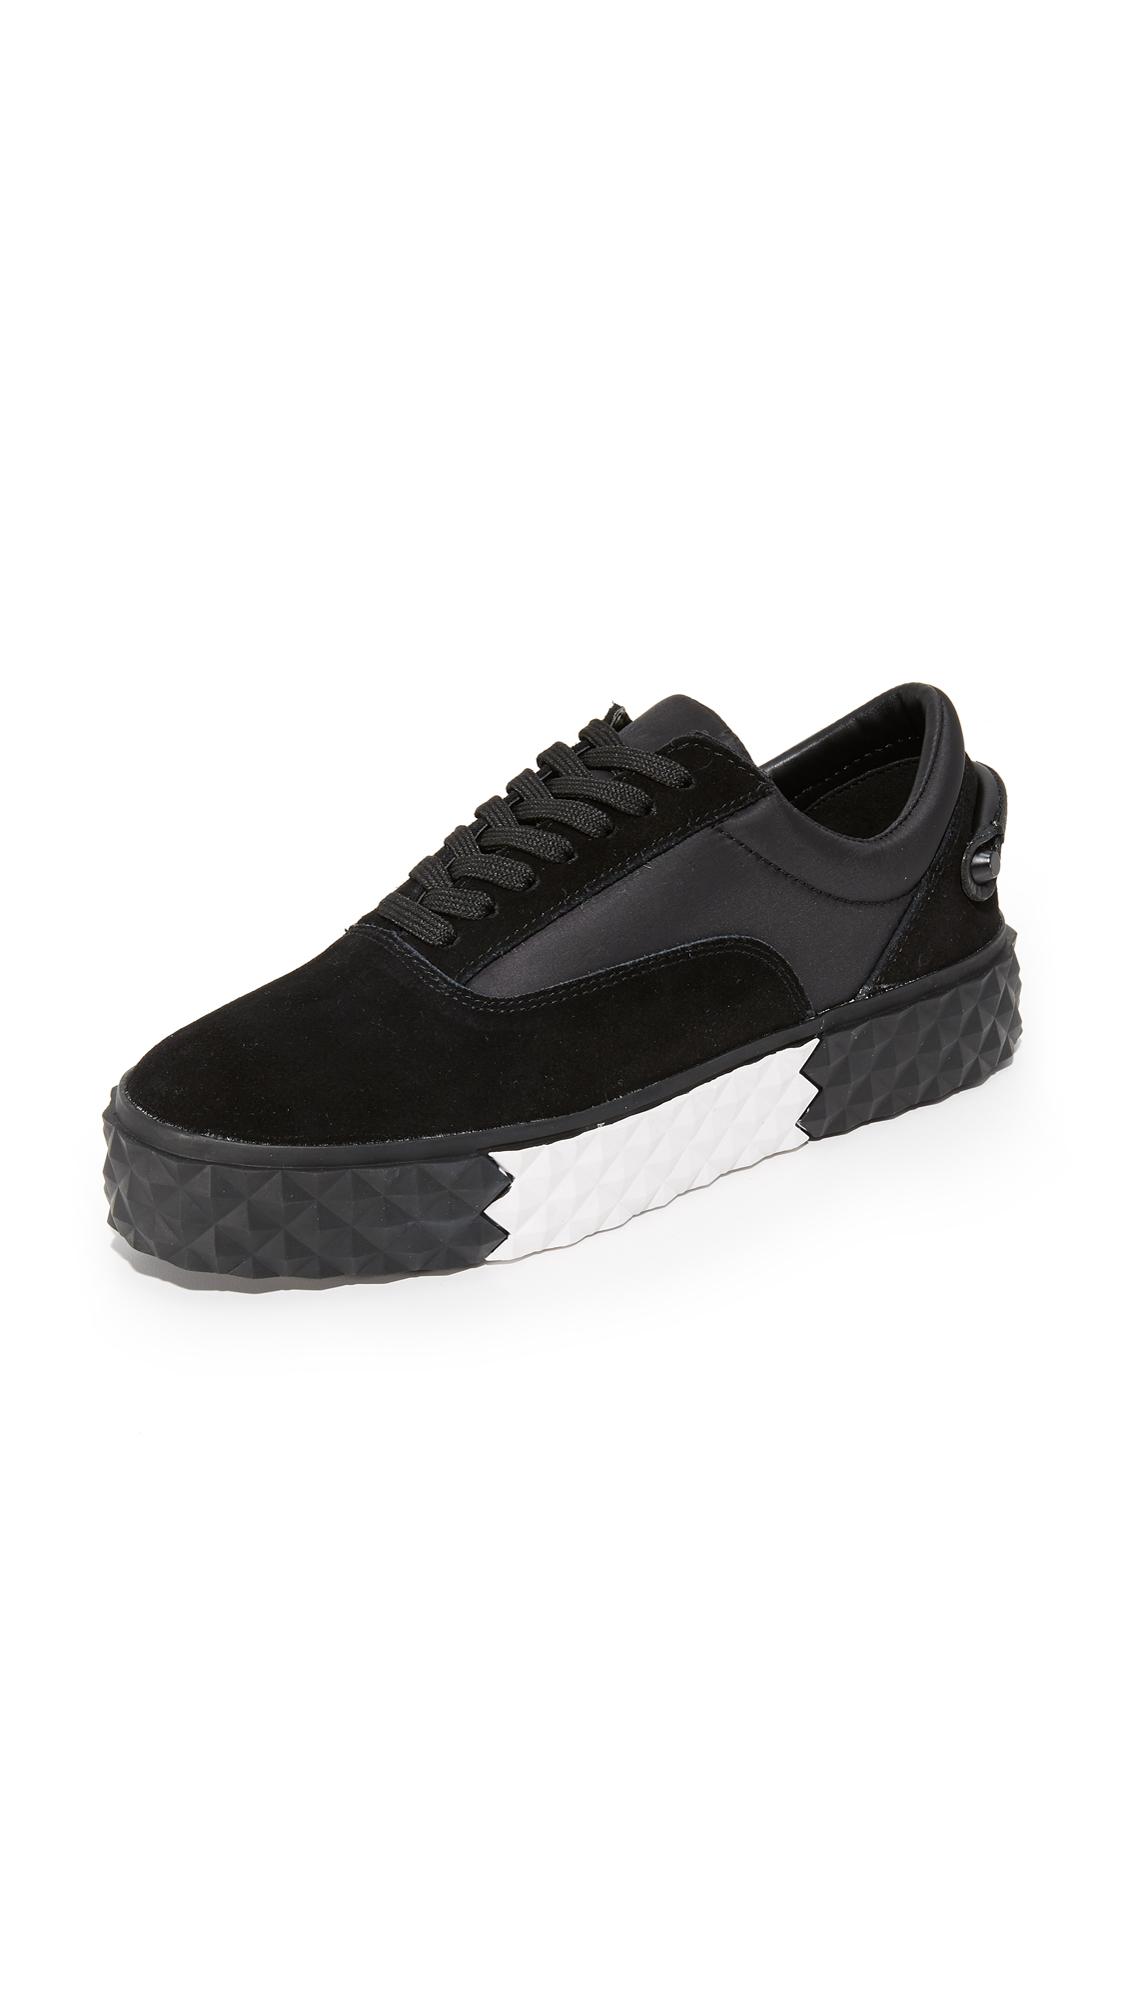 KENDALL + KYLIE Reign Sneakers - Black/Black